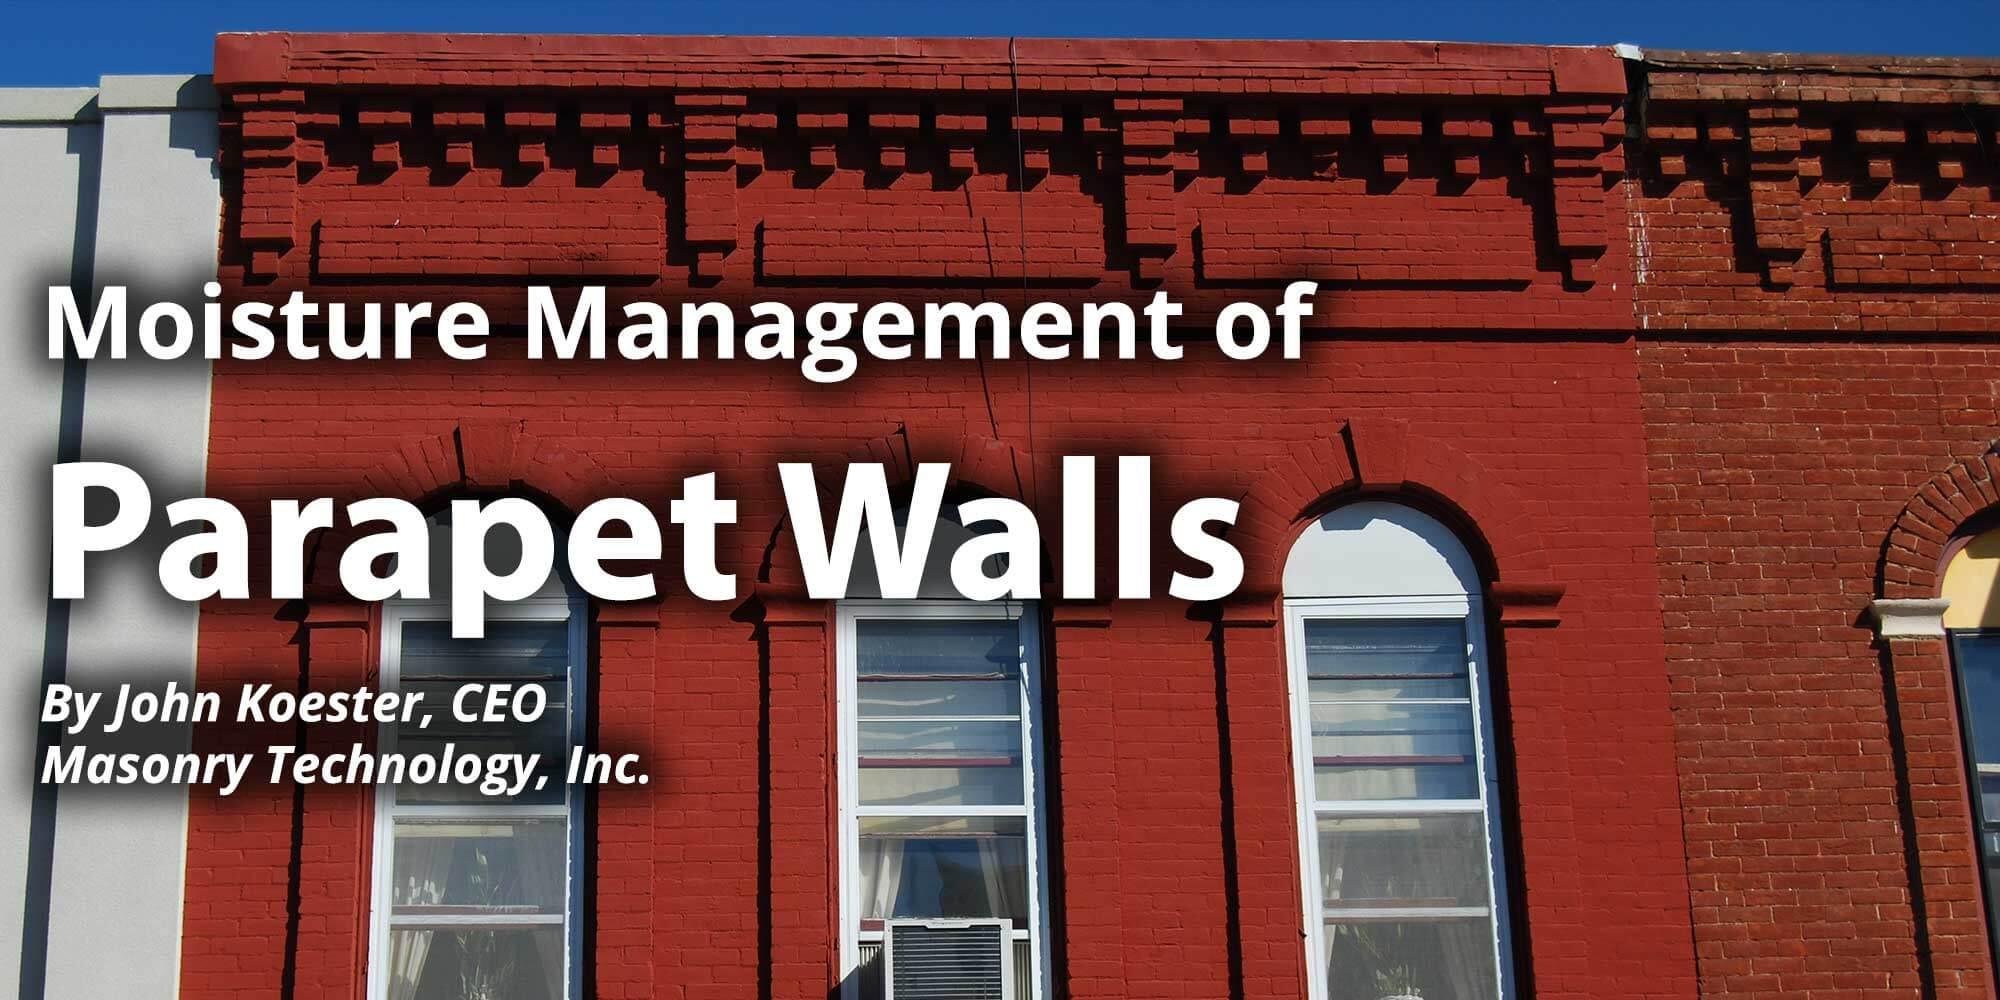 Moisture Management of Parapet Walls